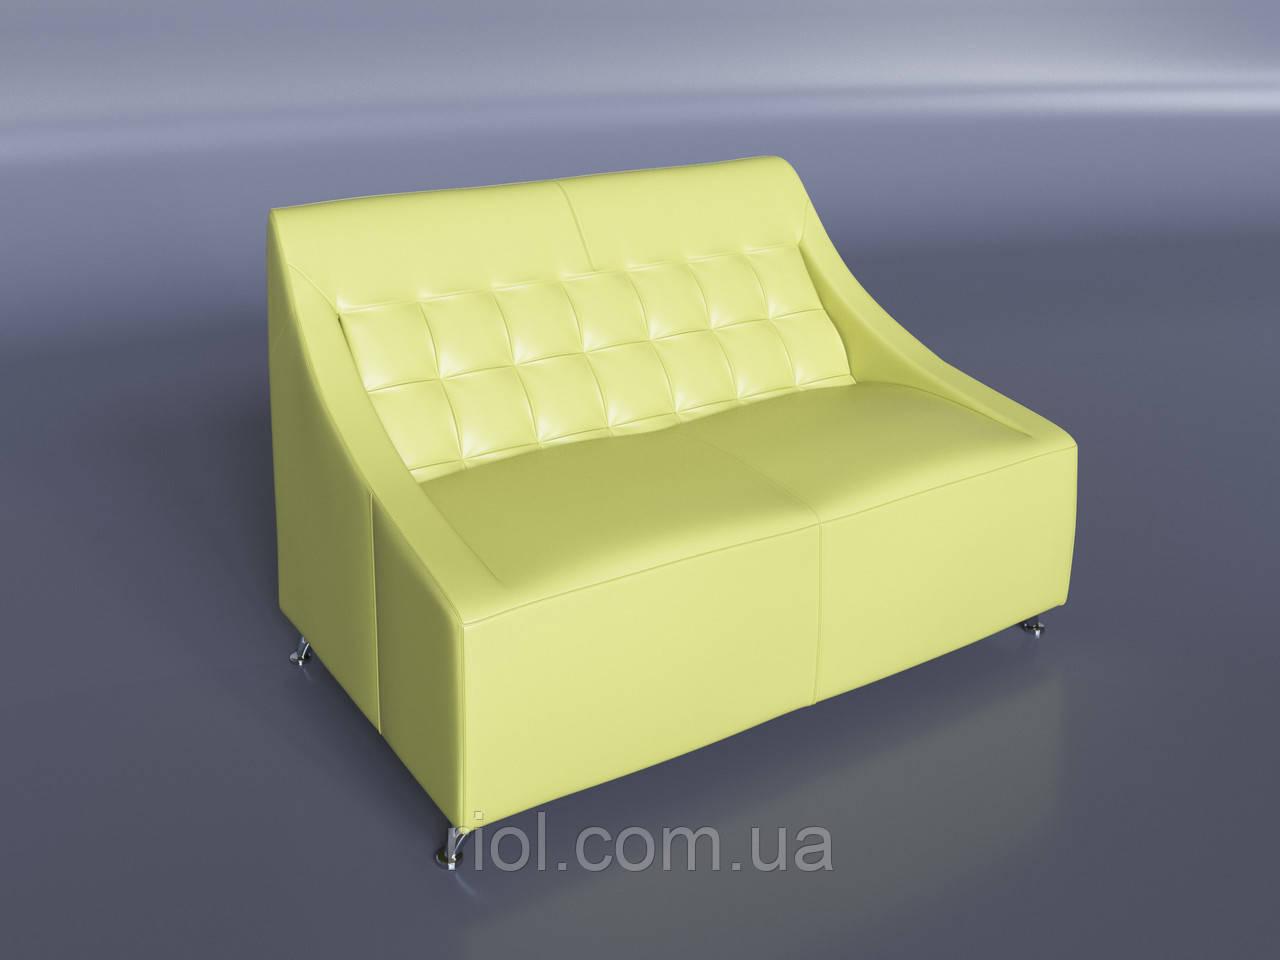 Офисный диван Полис светло-зеленый